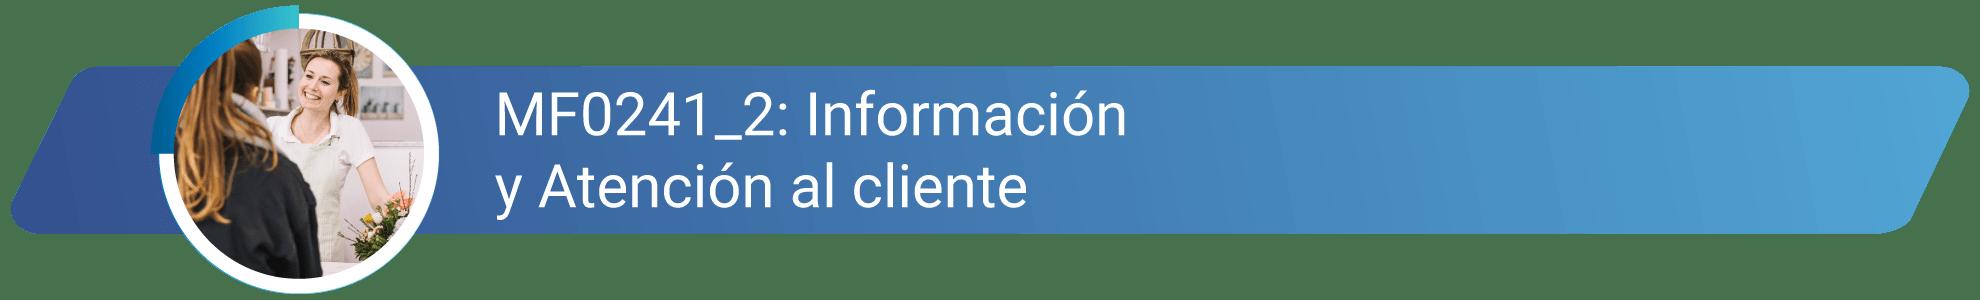 MF0241_2 - Información y atención al cliente